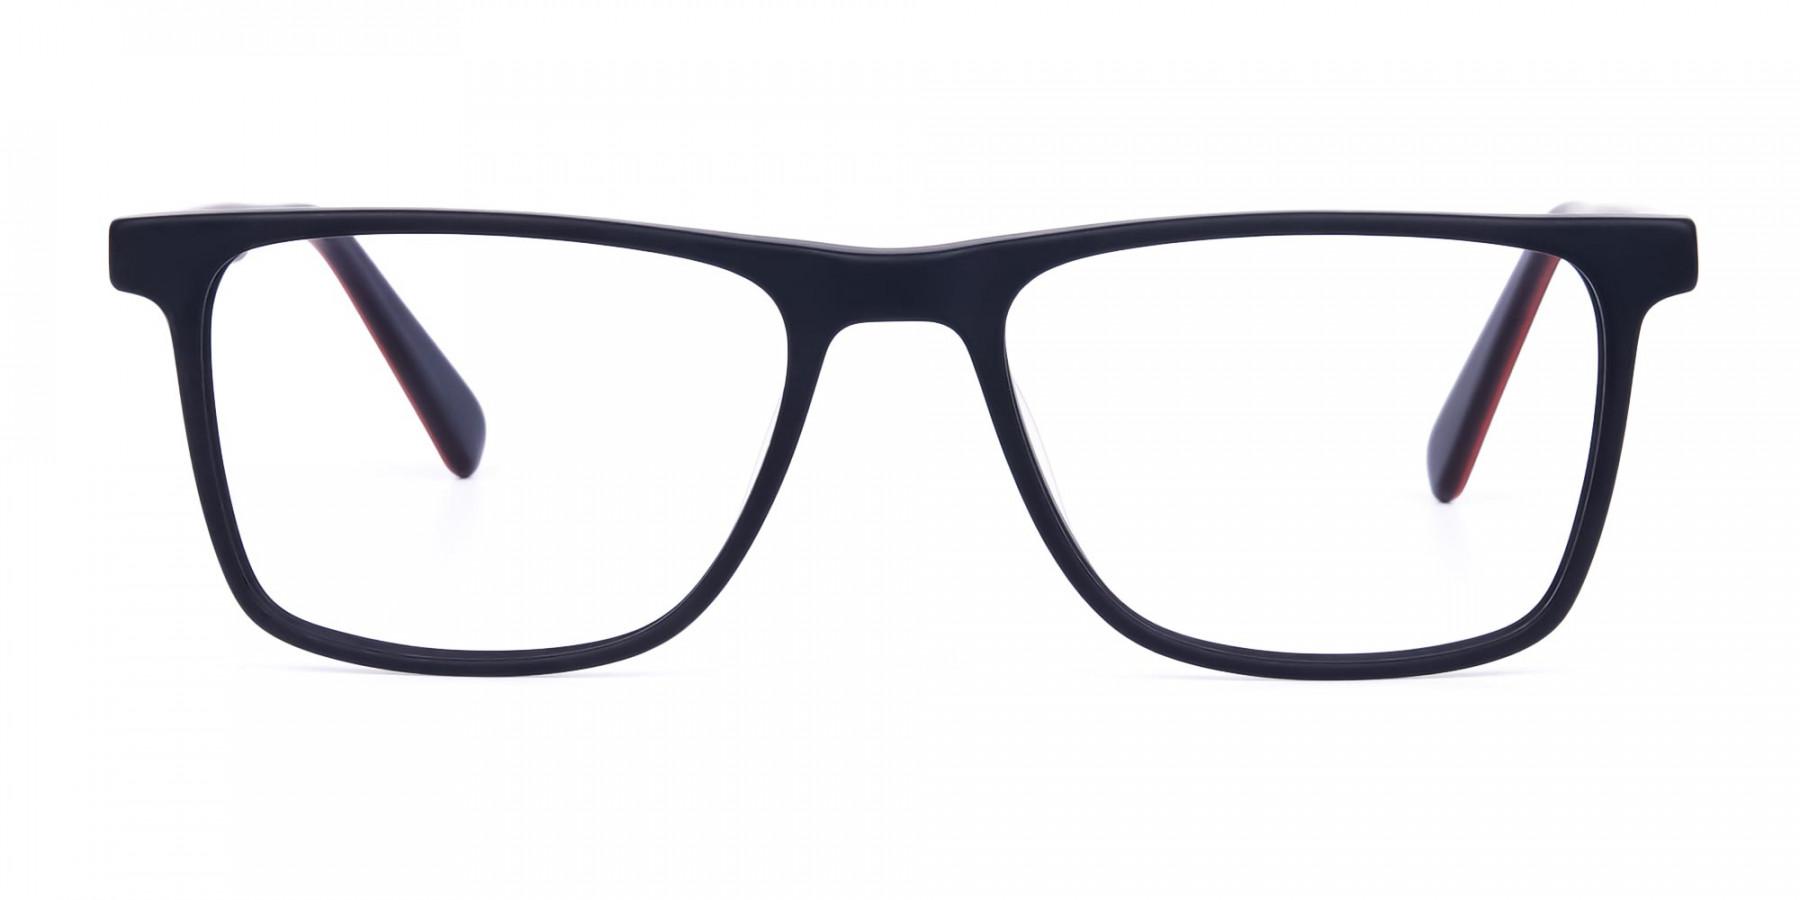 matte-black-rimmed-rectangular-glasses-1